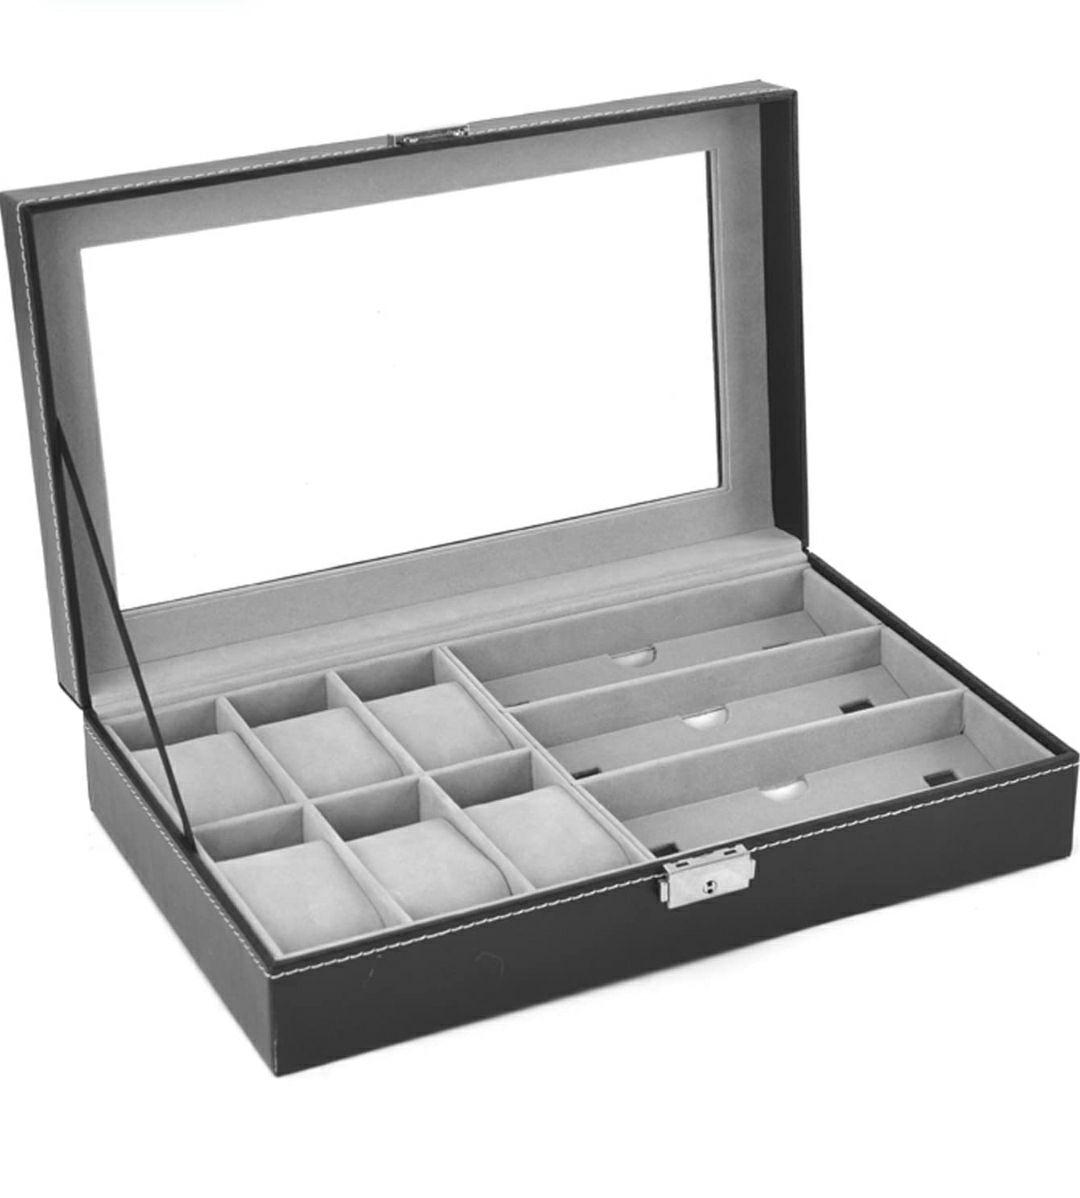 AUTOARK - Caja para 6 relojes, caja de joyería y 3 piezas de almacenamiento de lentes y gafas de sol. Color negro